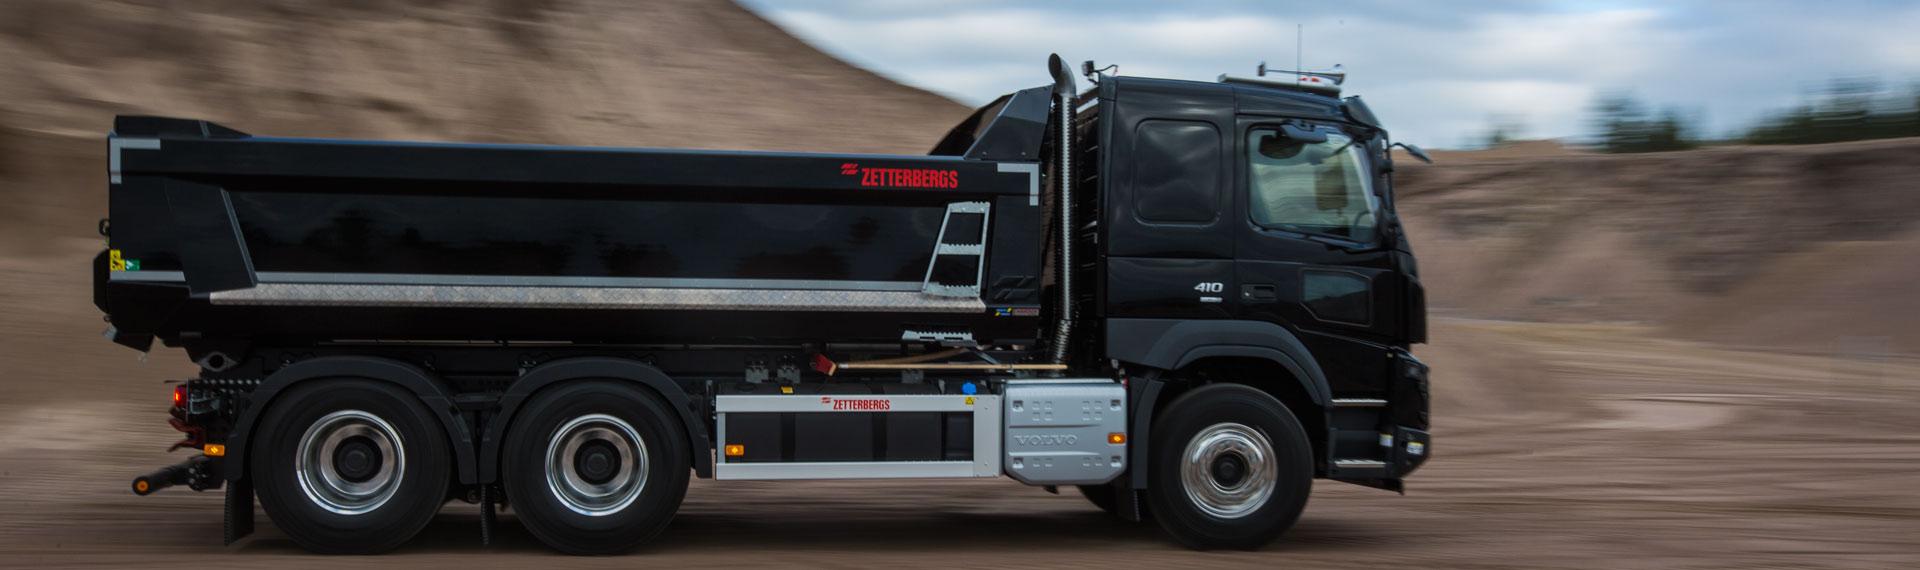 Caminhão basculante feito com Hardox 500 Tuf com design de painel lateral cônico